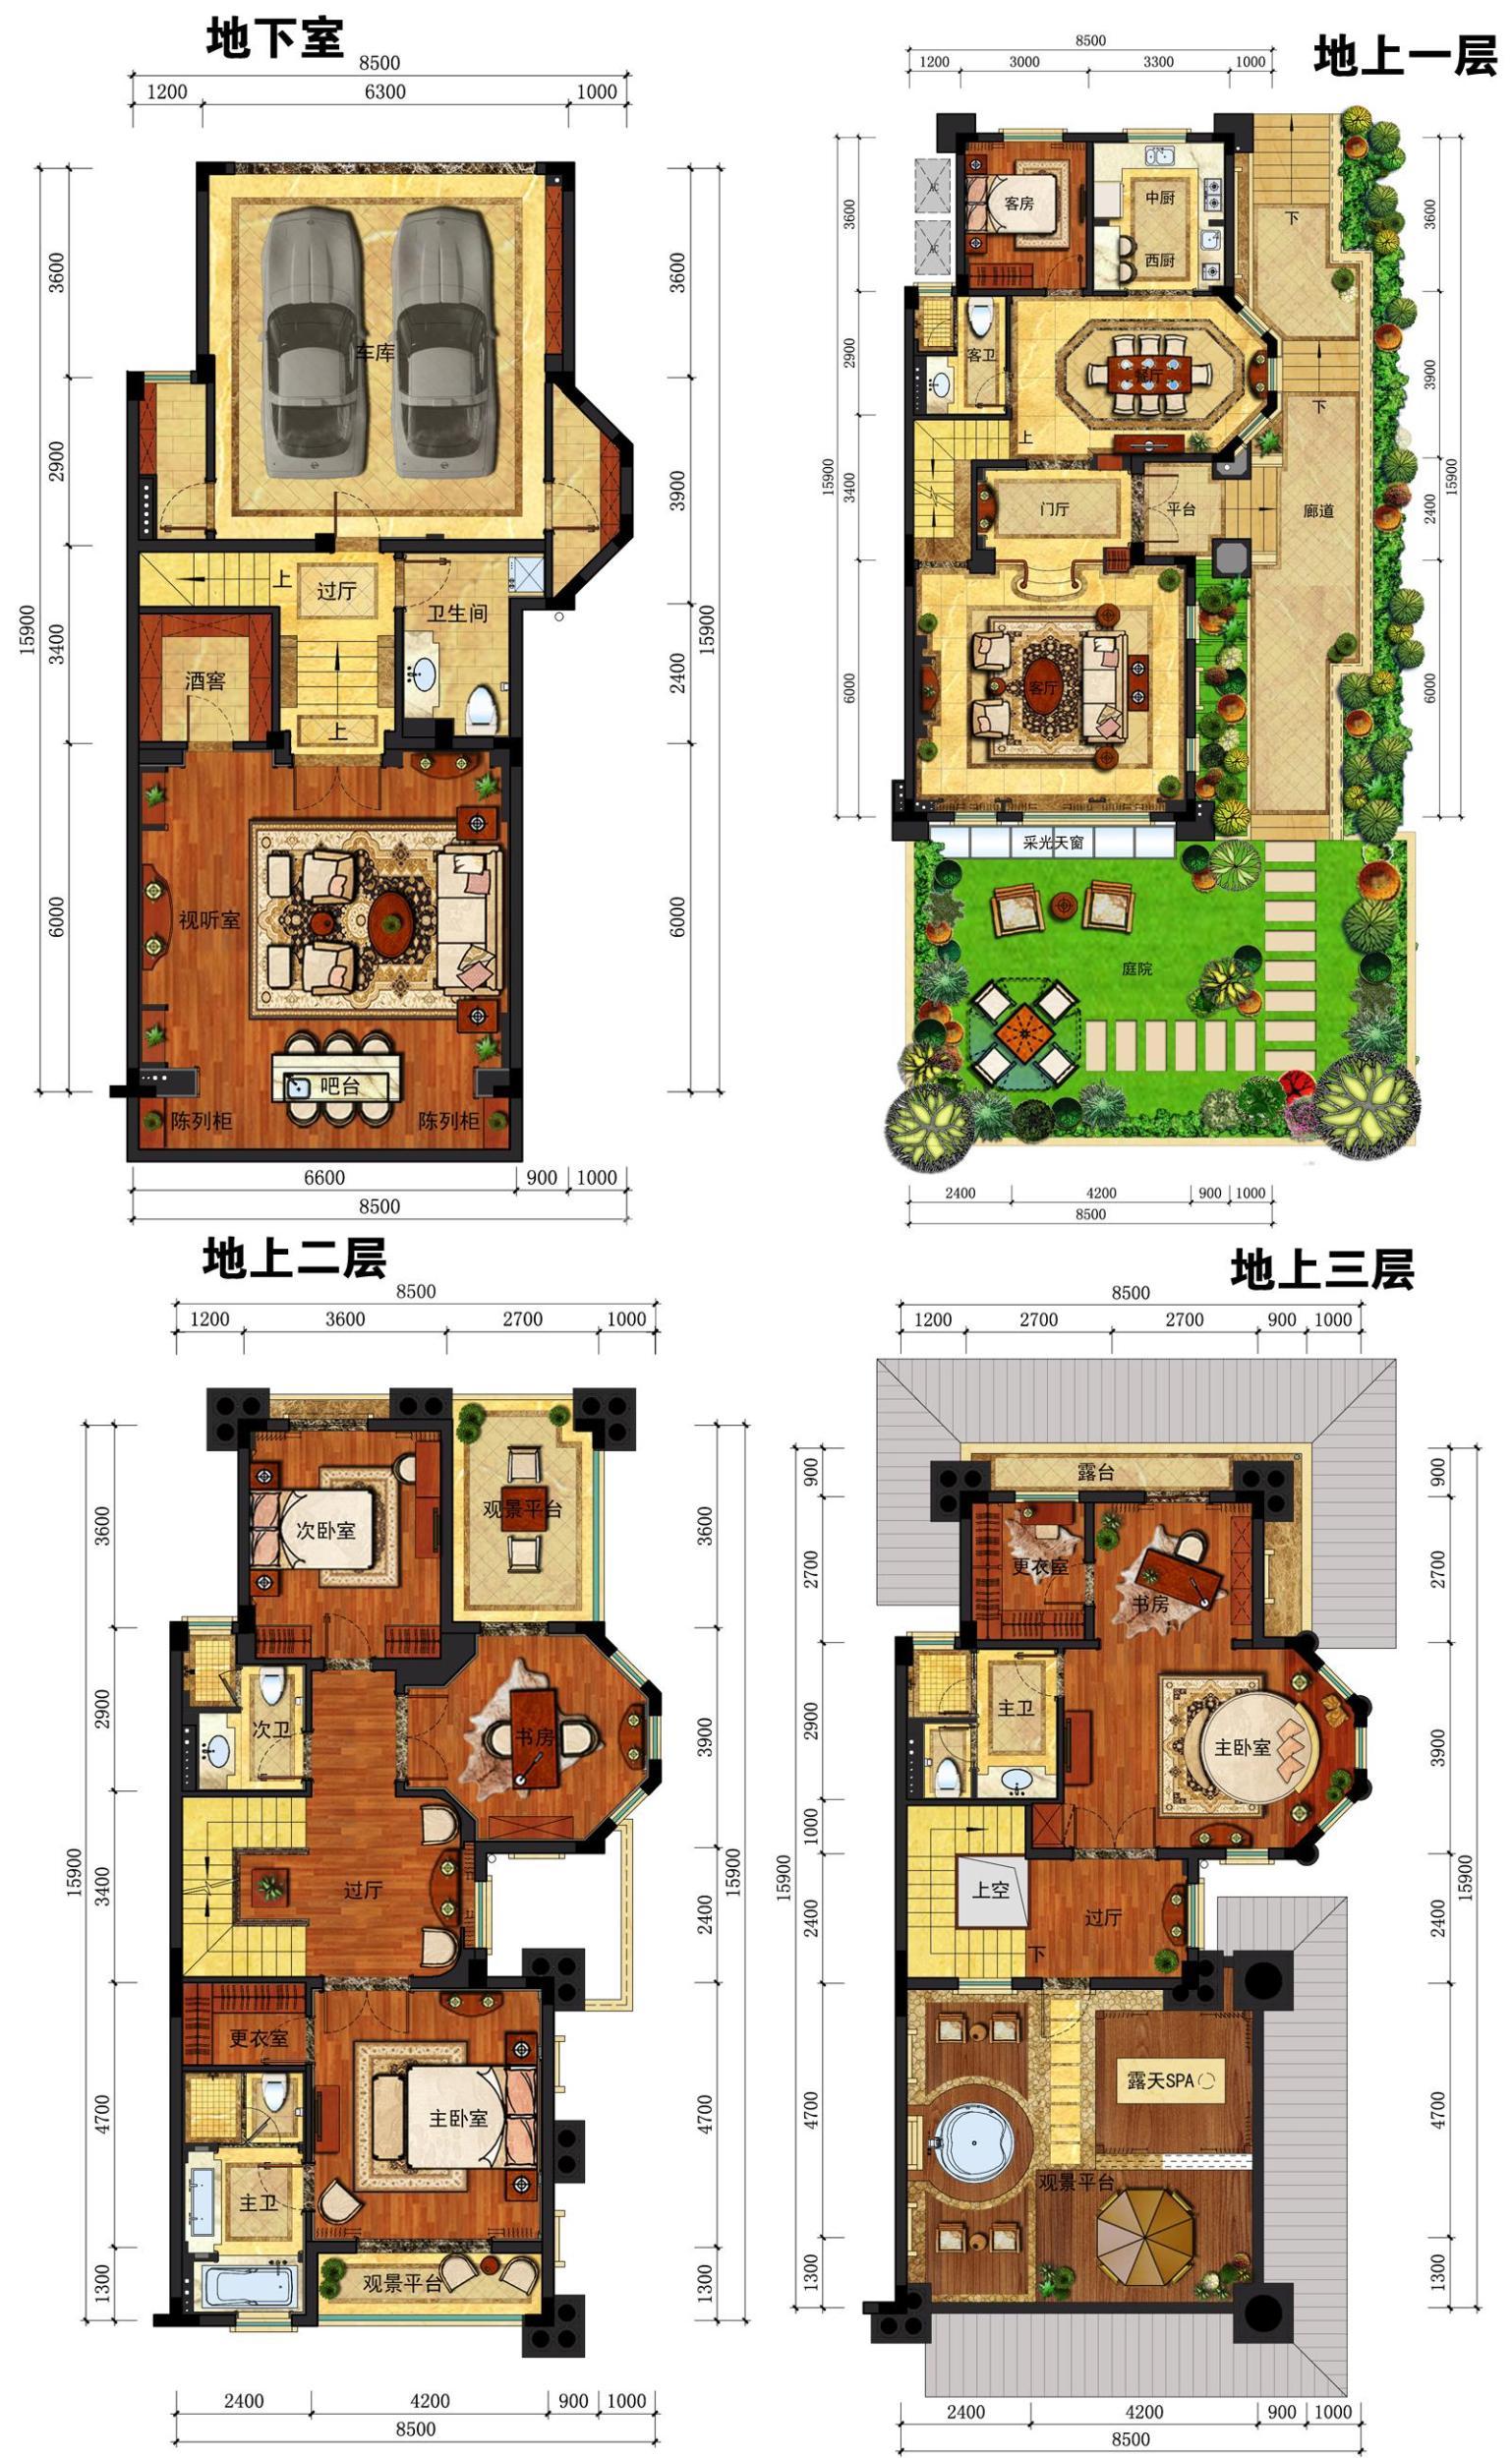 分析图中d1这样的户型?帮忙评价一下这样的户型别墅在哪儿花园五价格保利利弊期成都图片